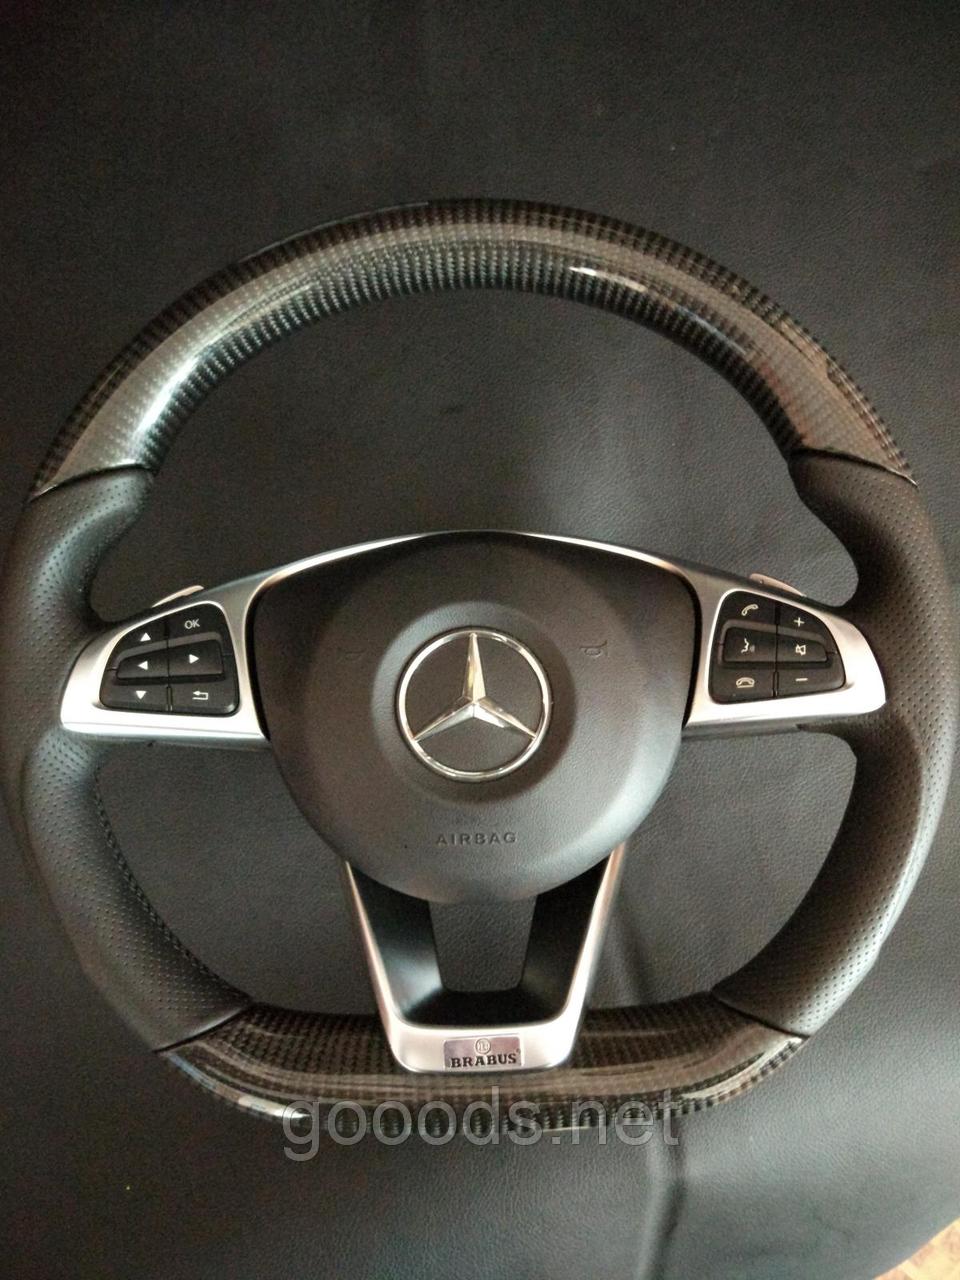 Руль карбоновый Mercedes Benz Brabus